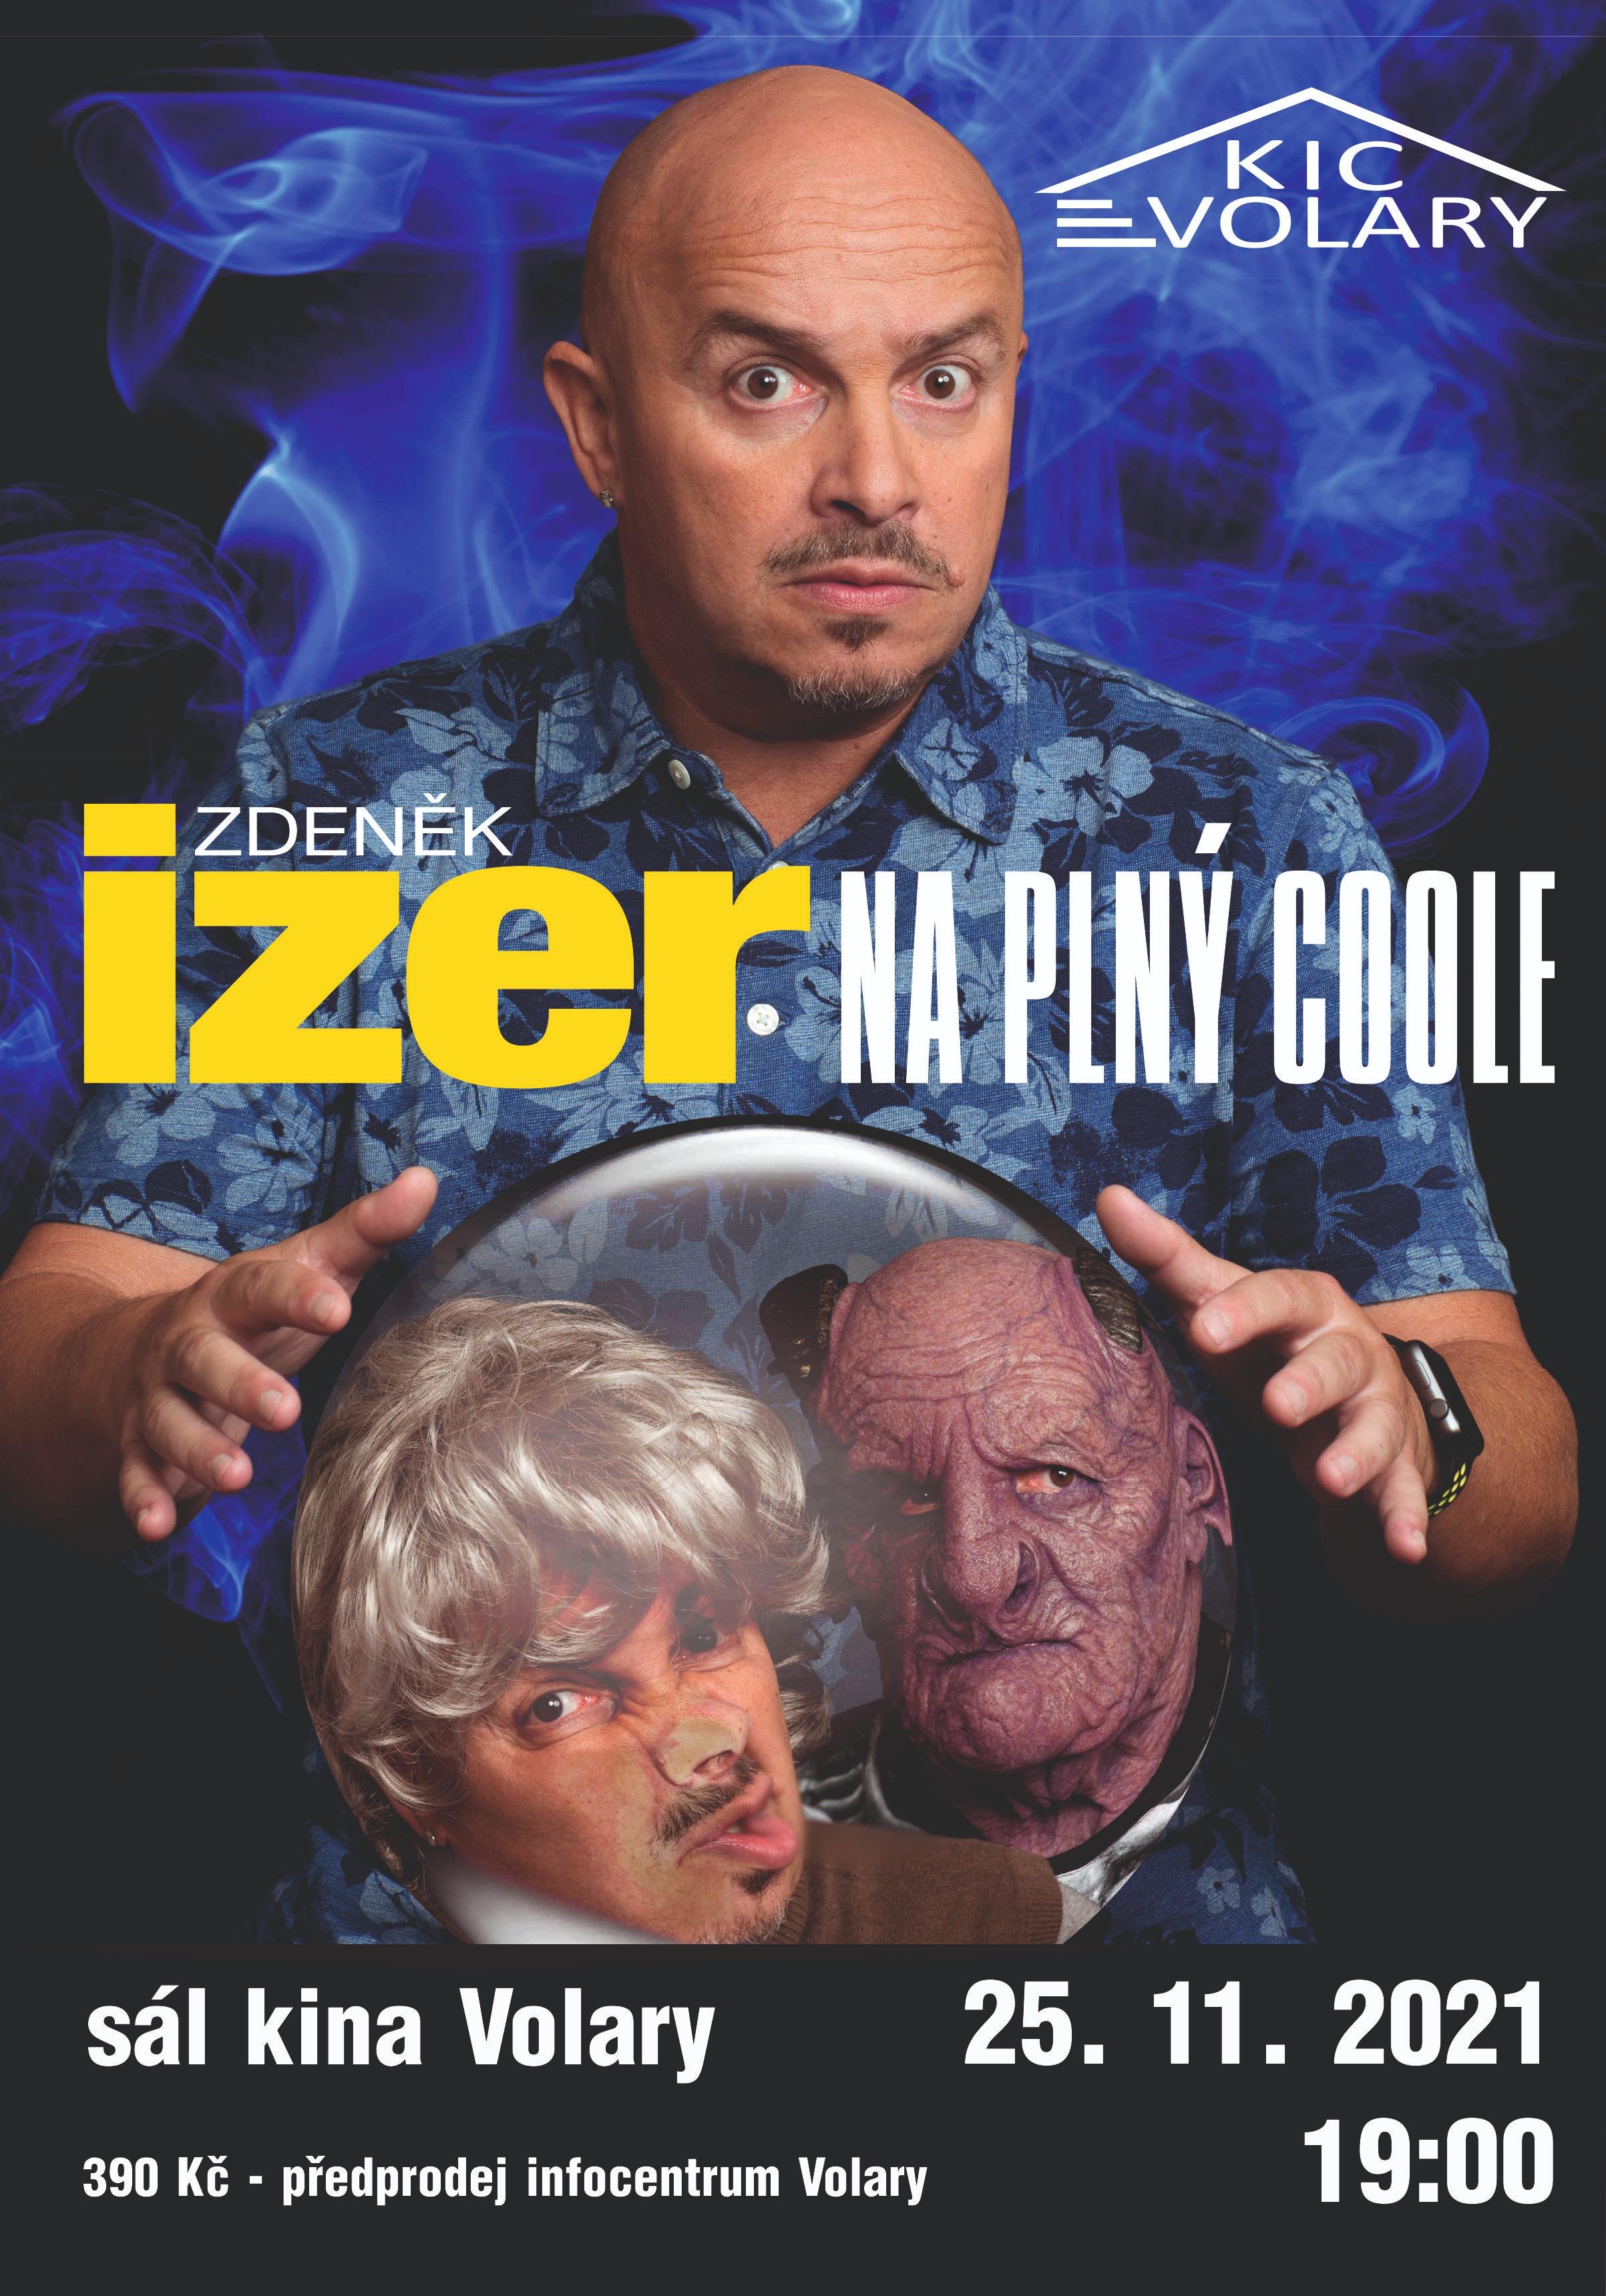 Zdeněk Izer: NA PLNÝ COOLE